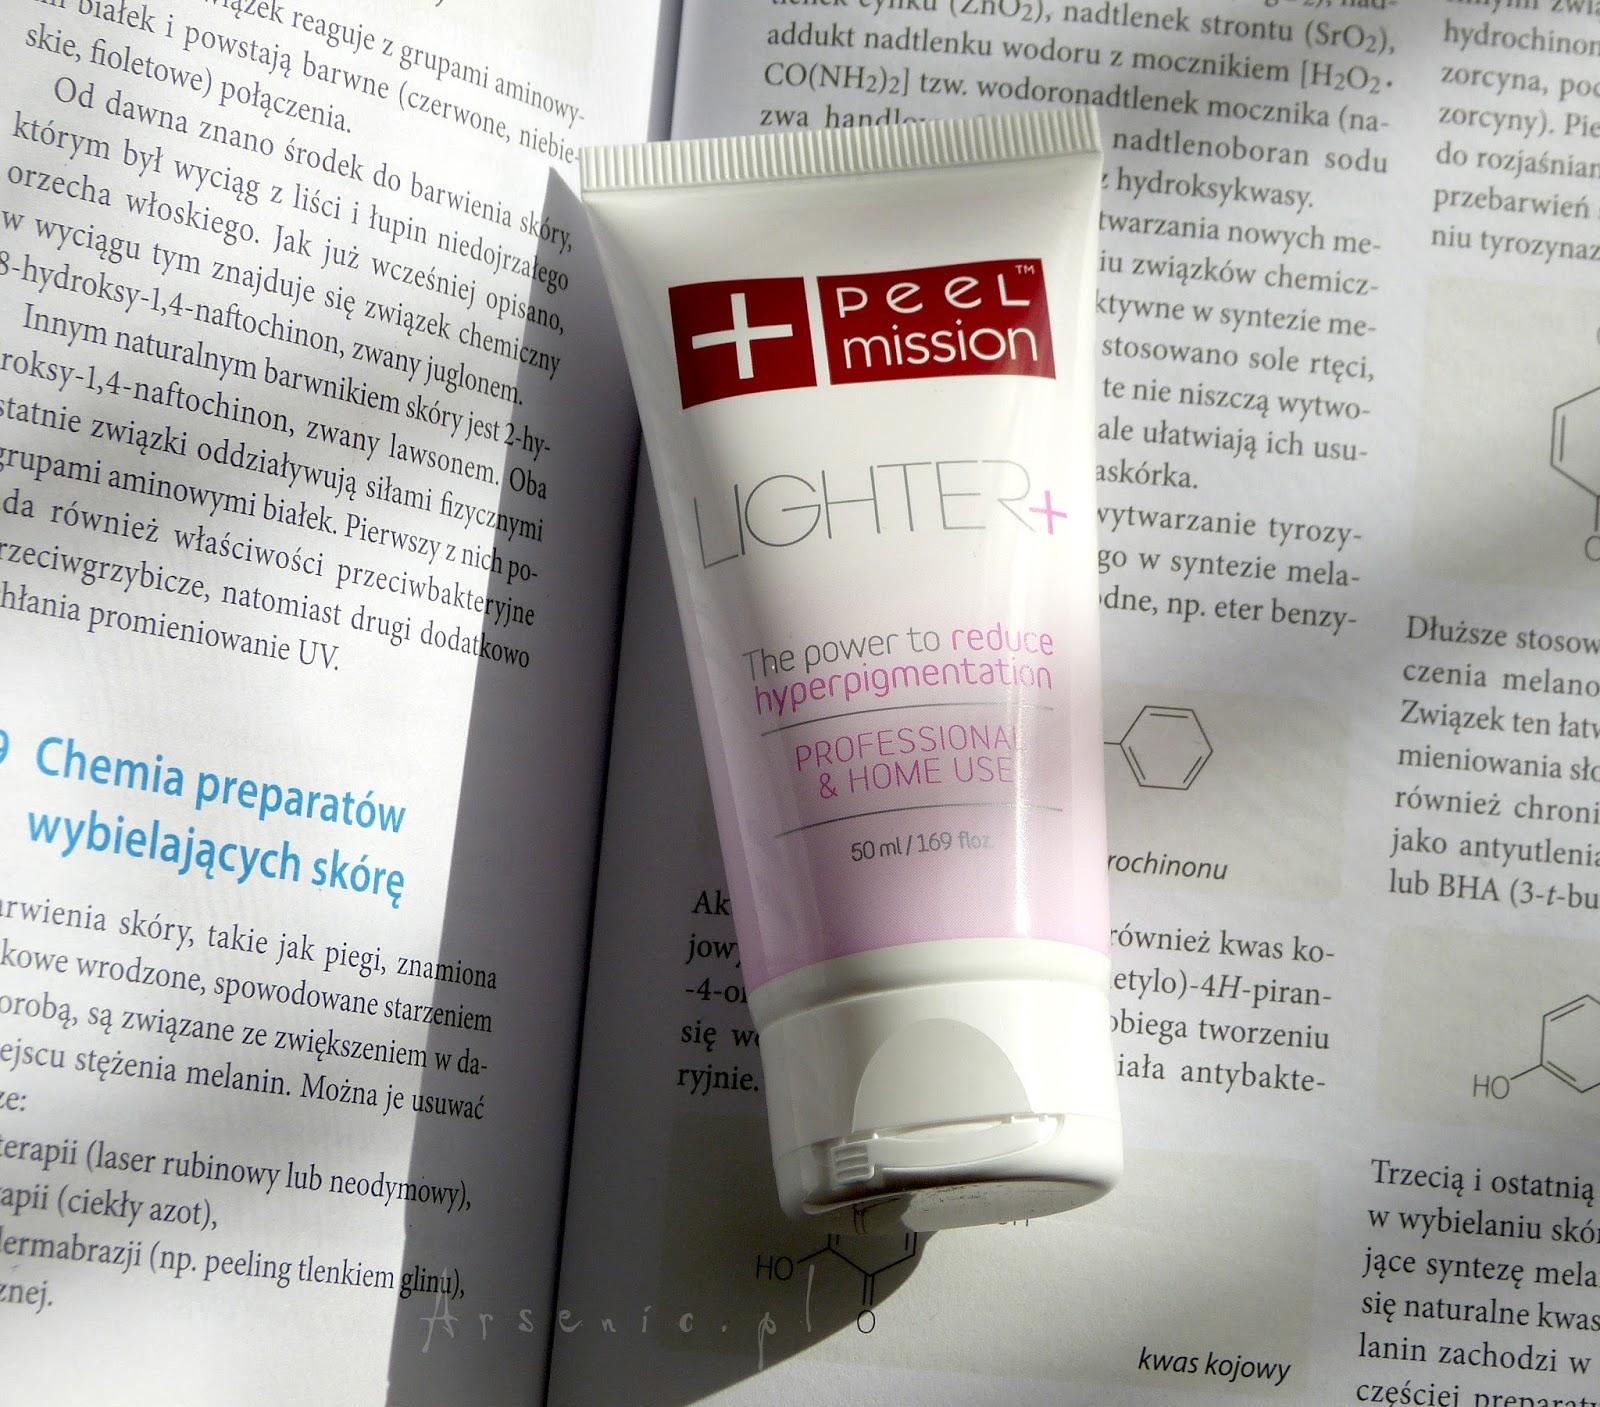 Krem redukujący przebarwienia Lighter+ z kwasem kojowym, retinolem i arbutyną